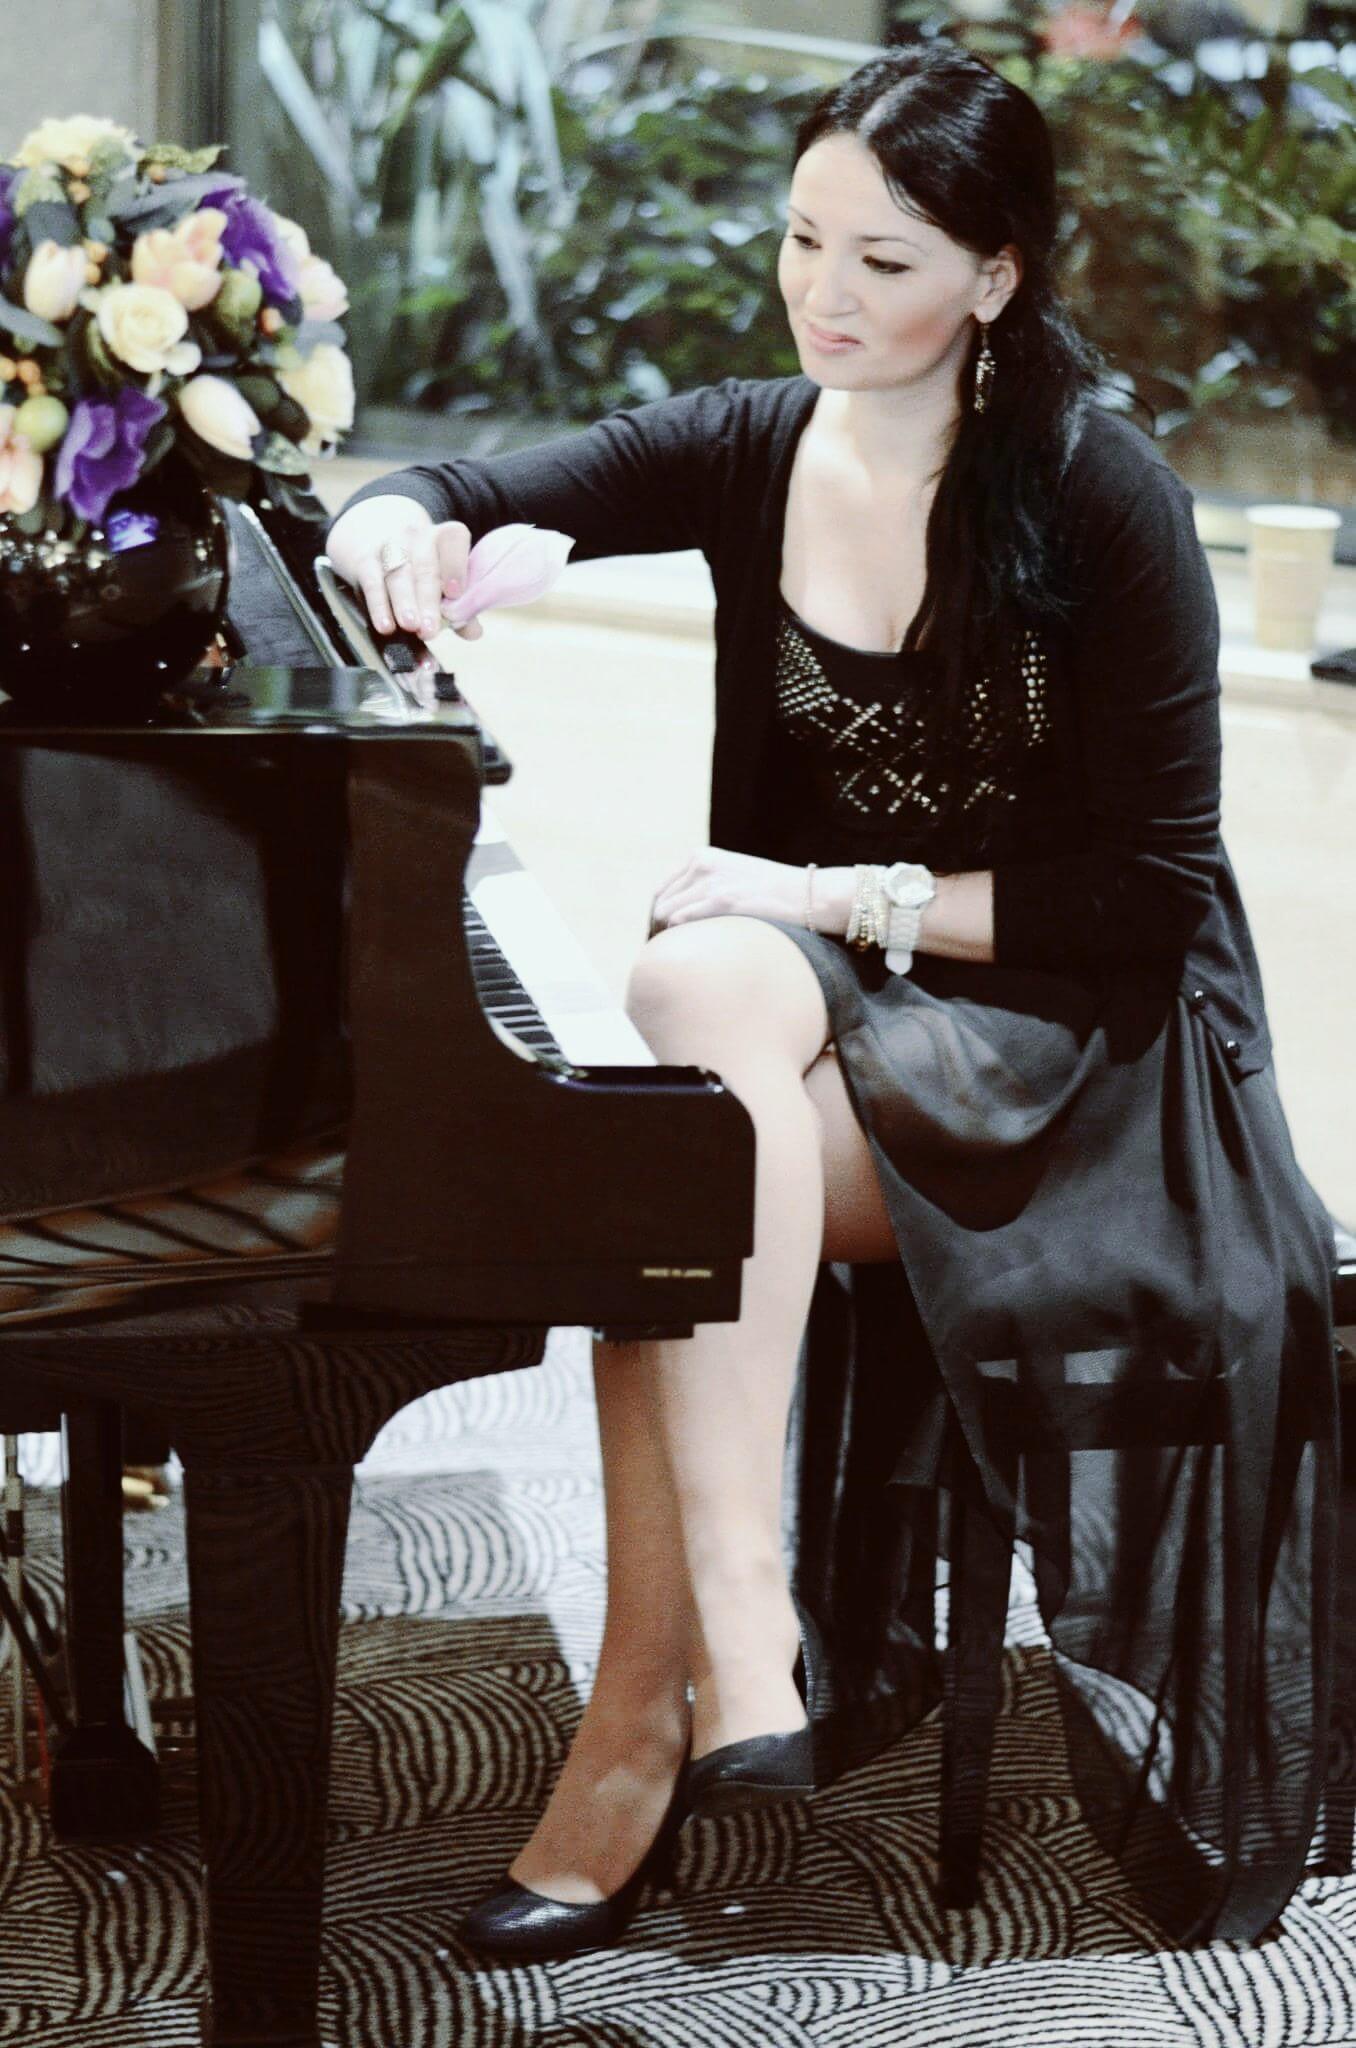 Picture taken by Ivana Slaba